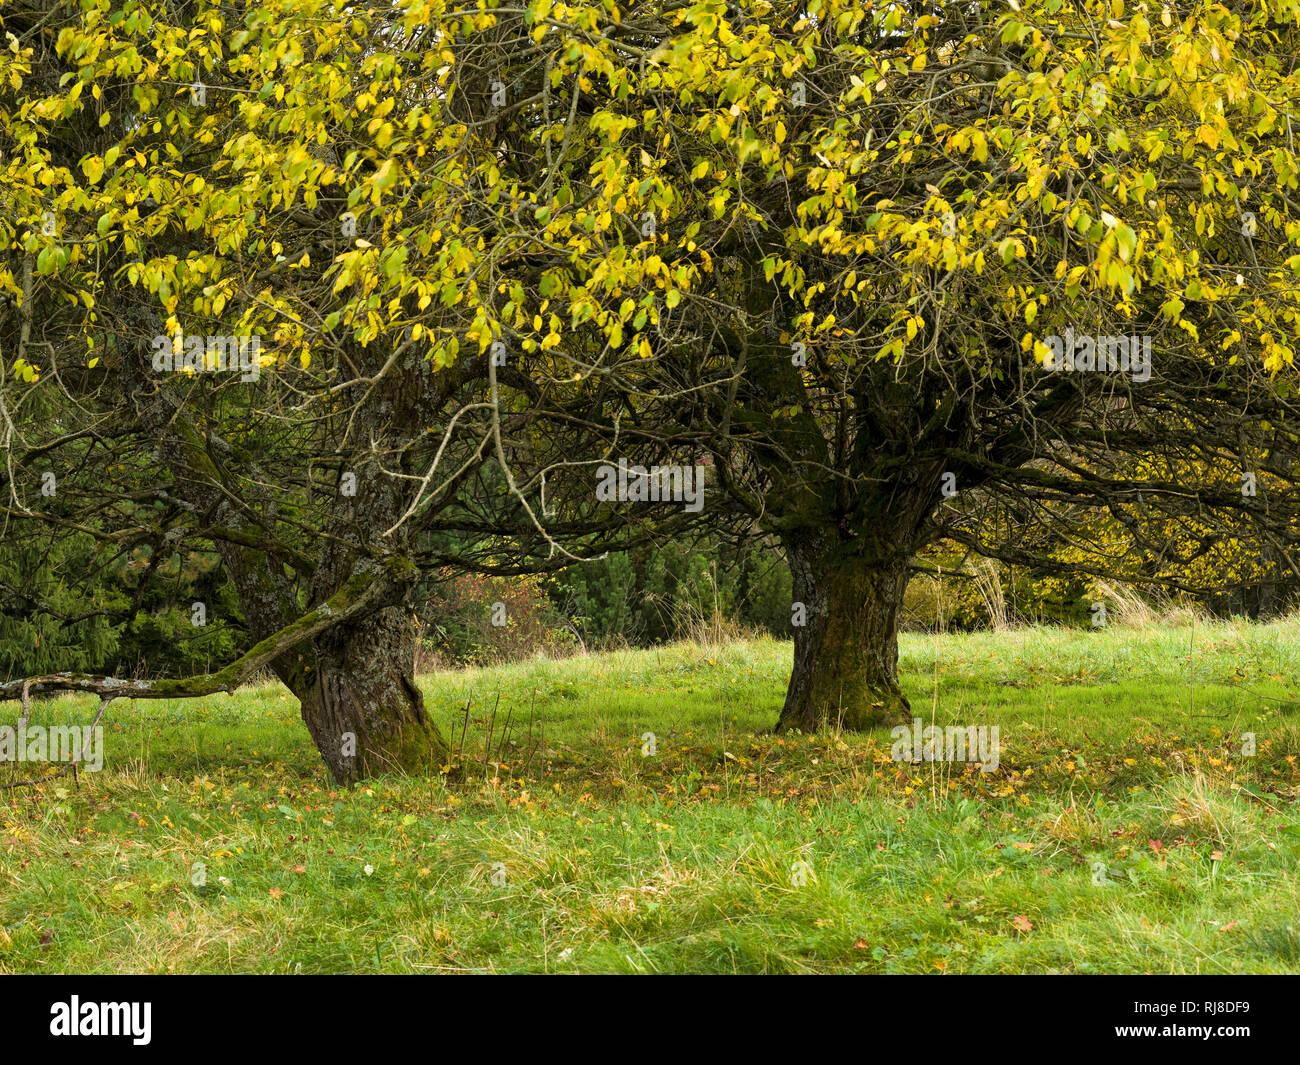 Deutschland, Bayern, Naturpark Bayrische Rhön, UNESCO-Biosphärenreservat, Naturschutzgebiet Lange Rhön, Salweiden im Herbstlaub Stock Photo